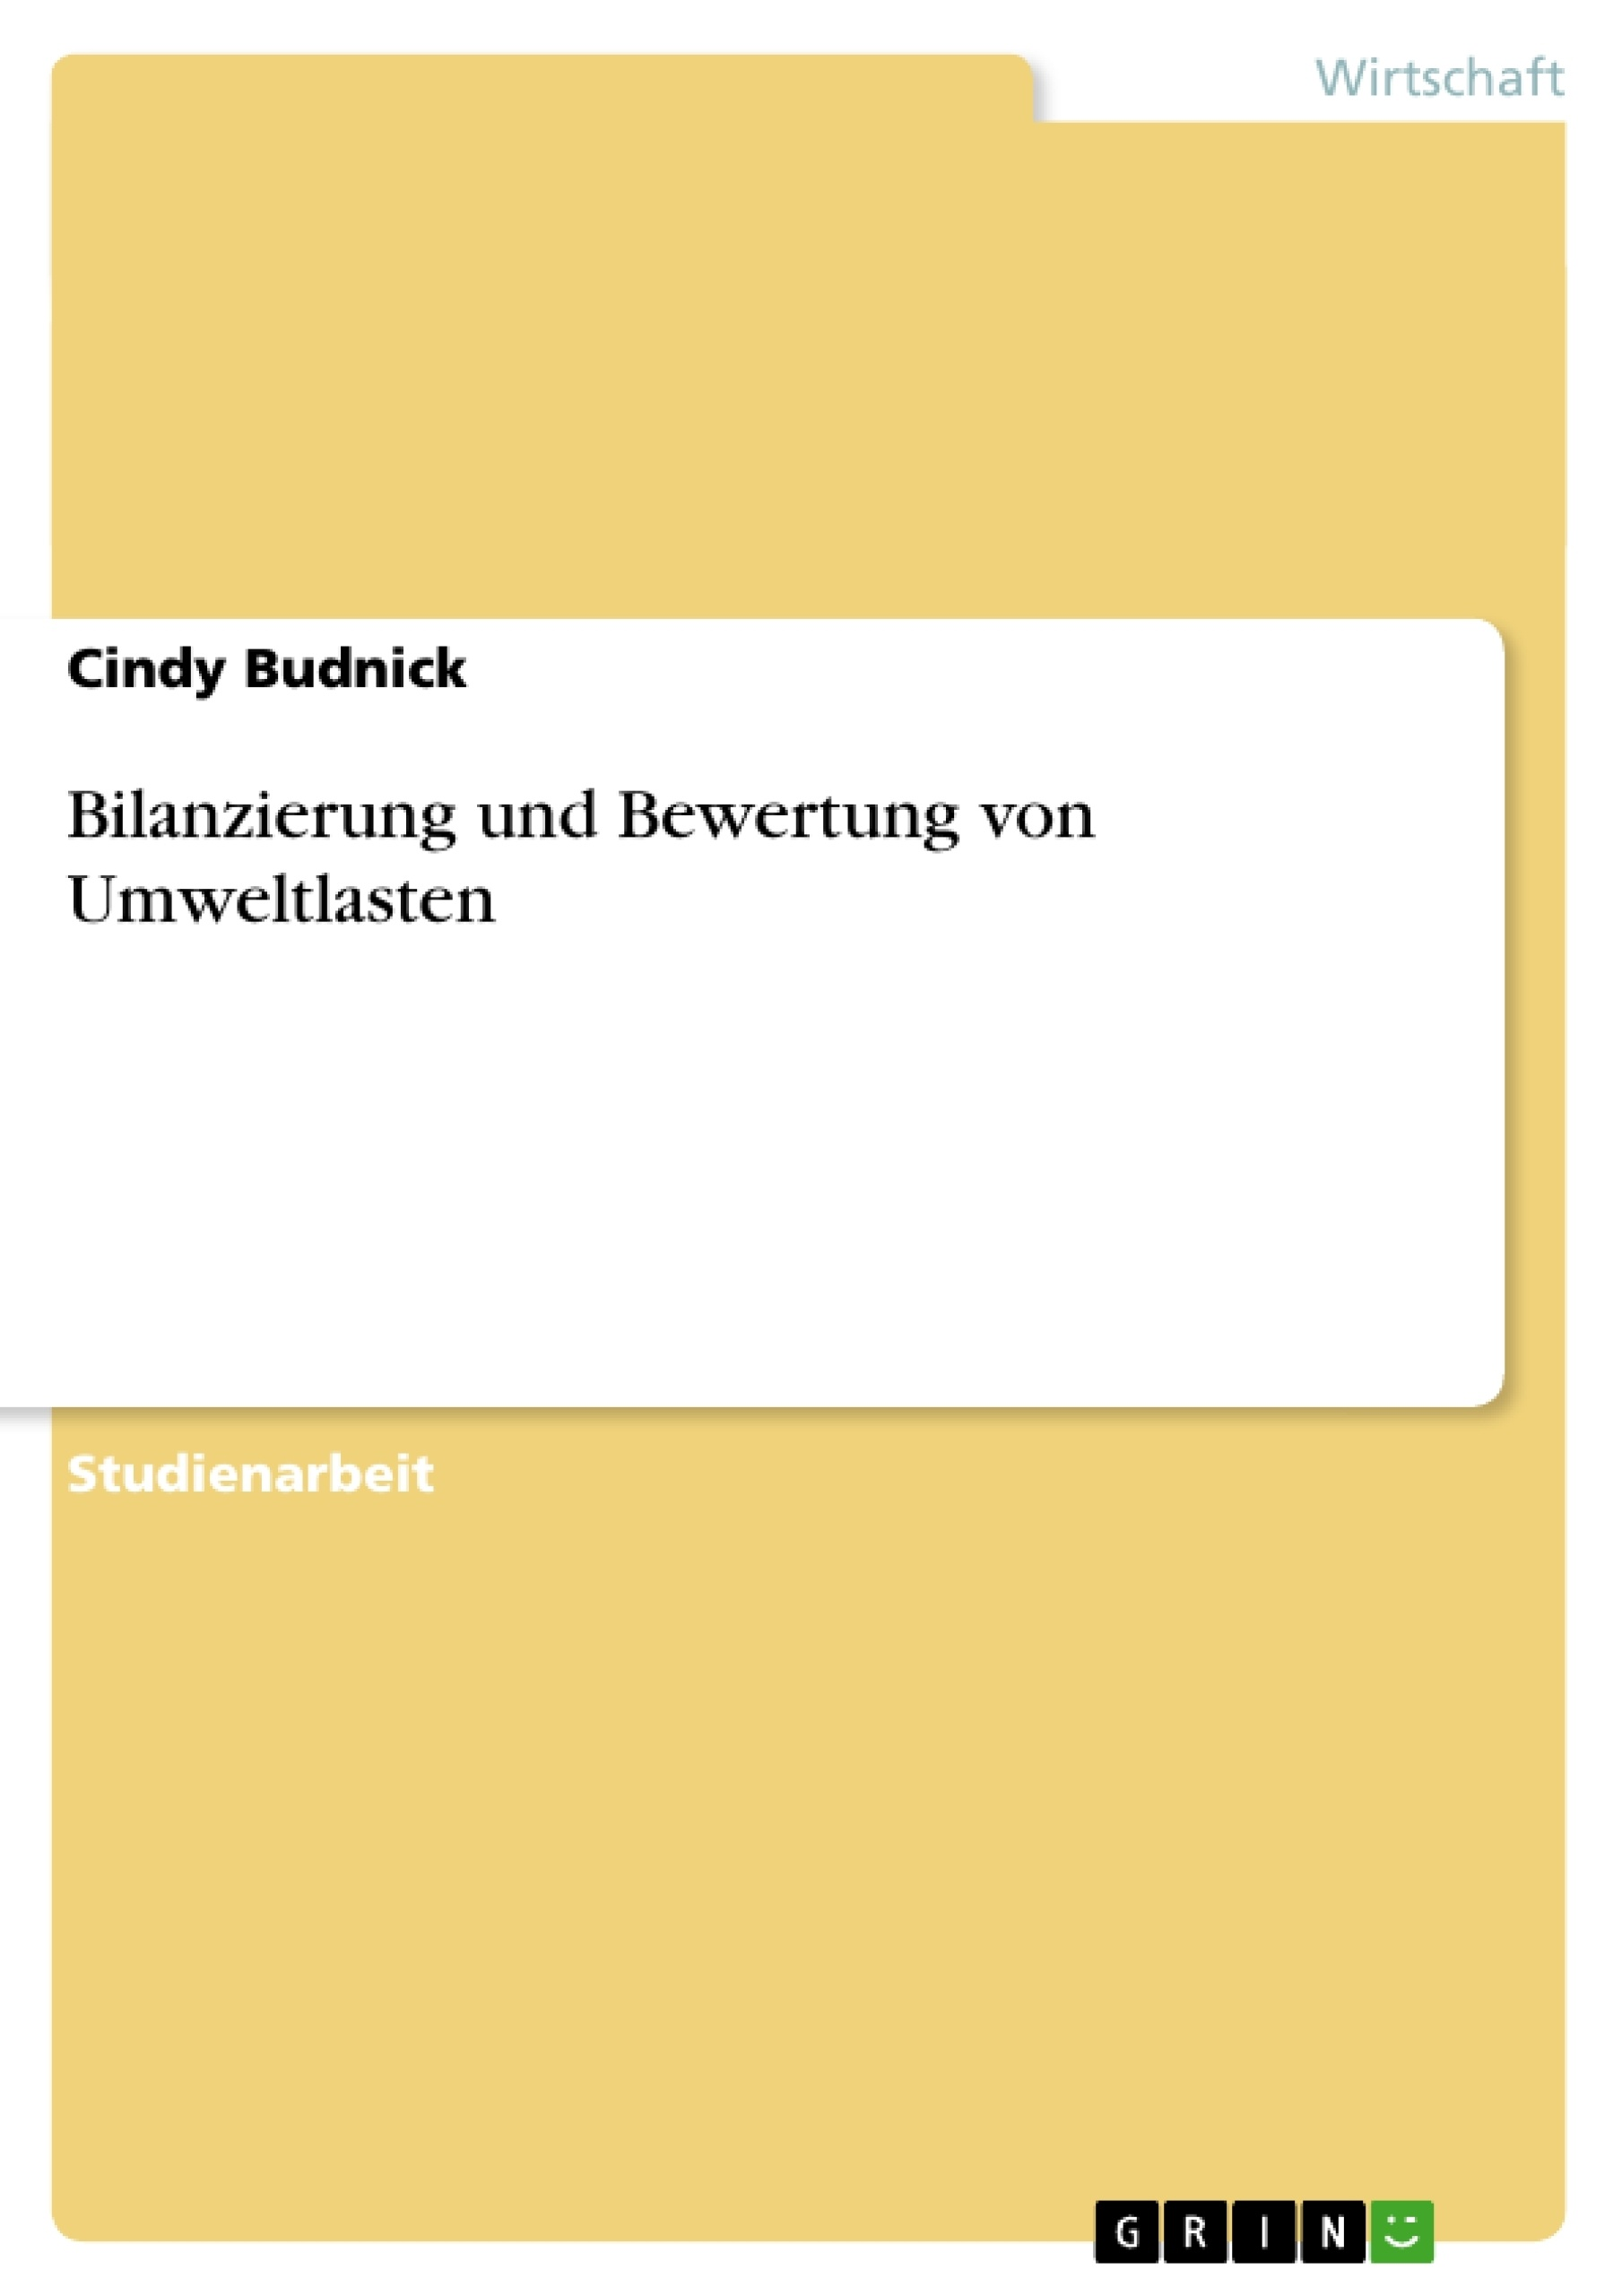 Titel: Bilanzierung und Bewertung von Umweltlasten